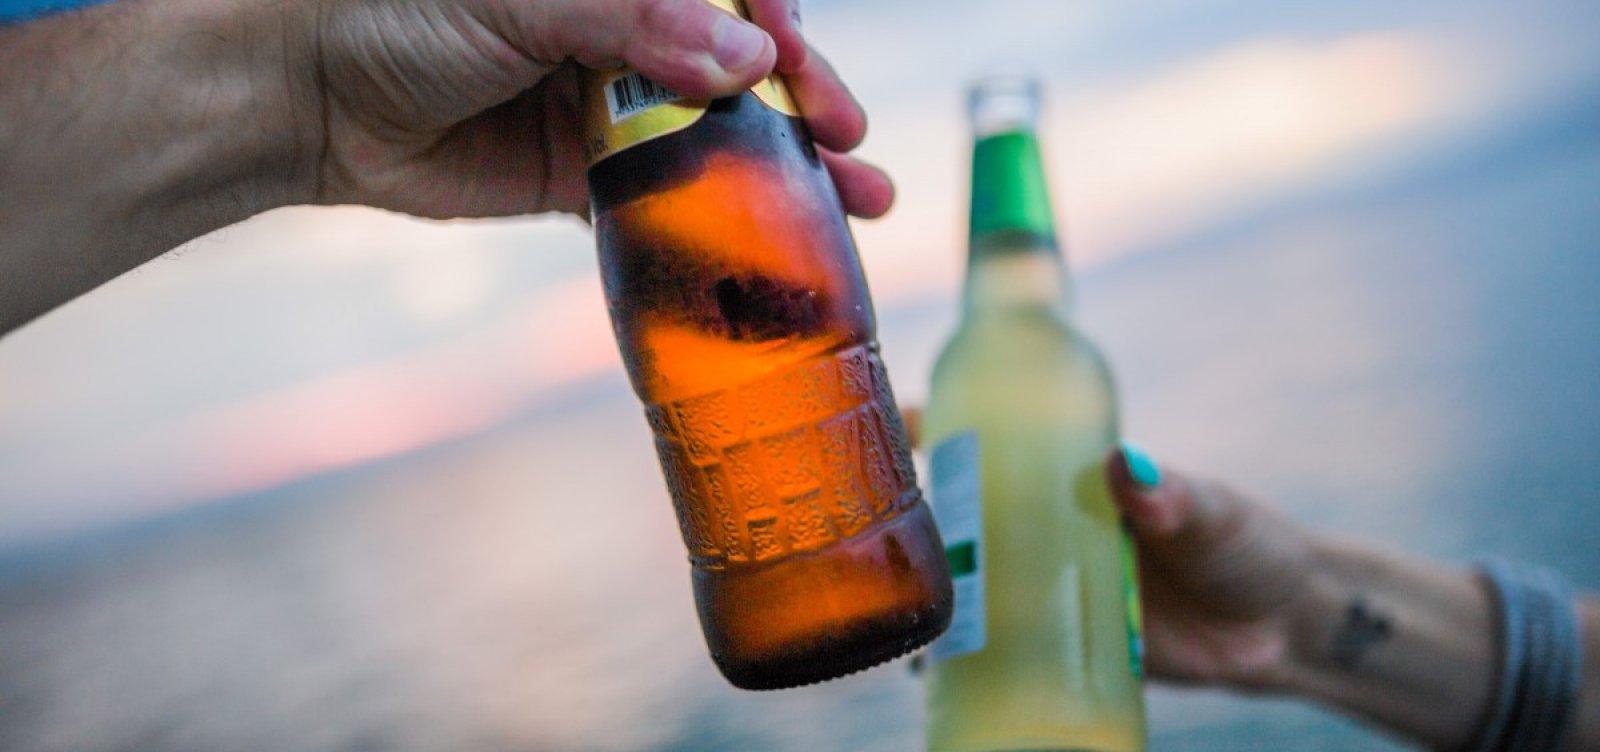 Venda e consumo de garrafa long neck será proibido em Morro de São Paulo